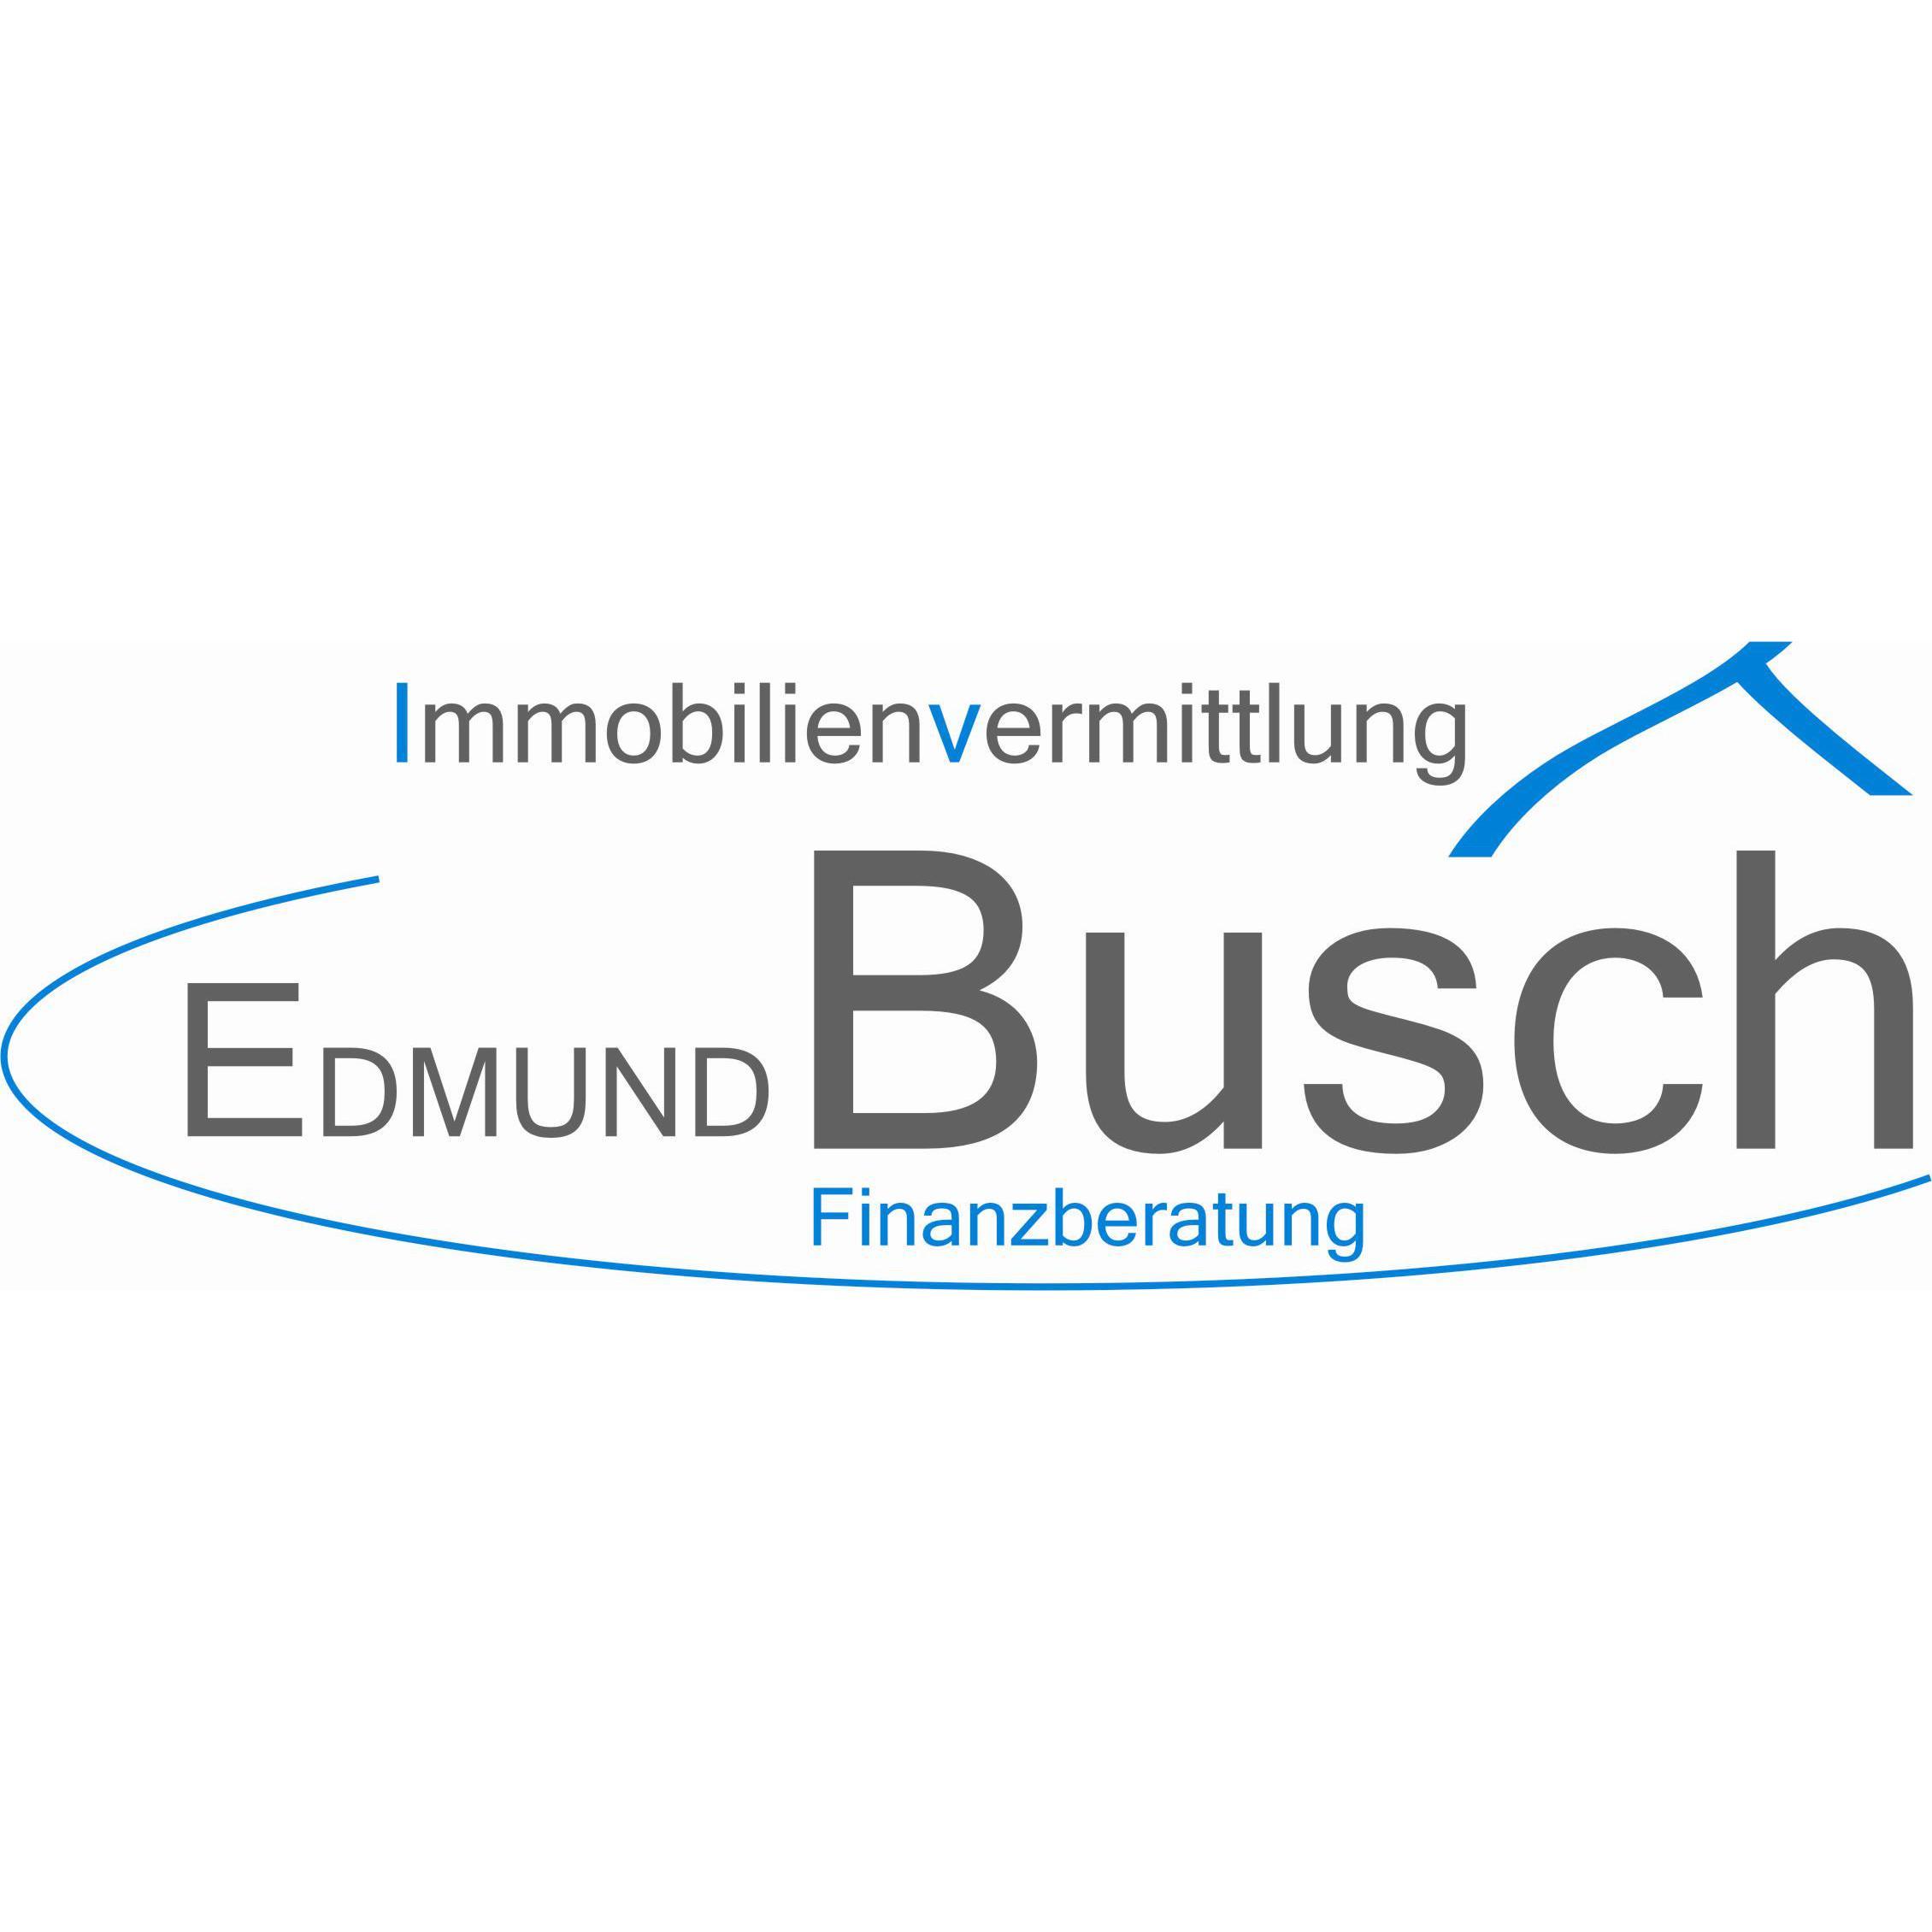 Edmund Busch